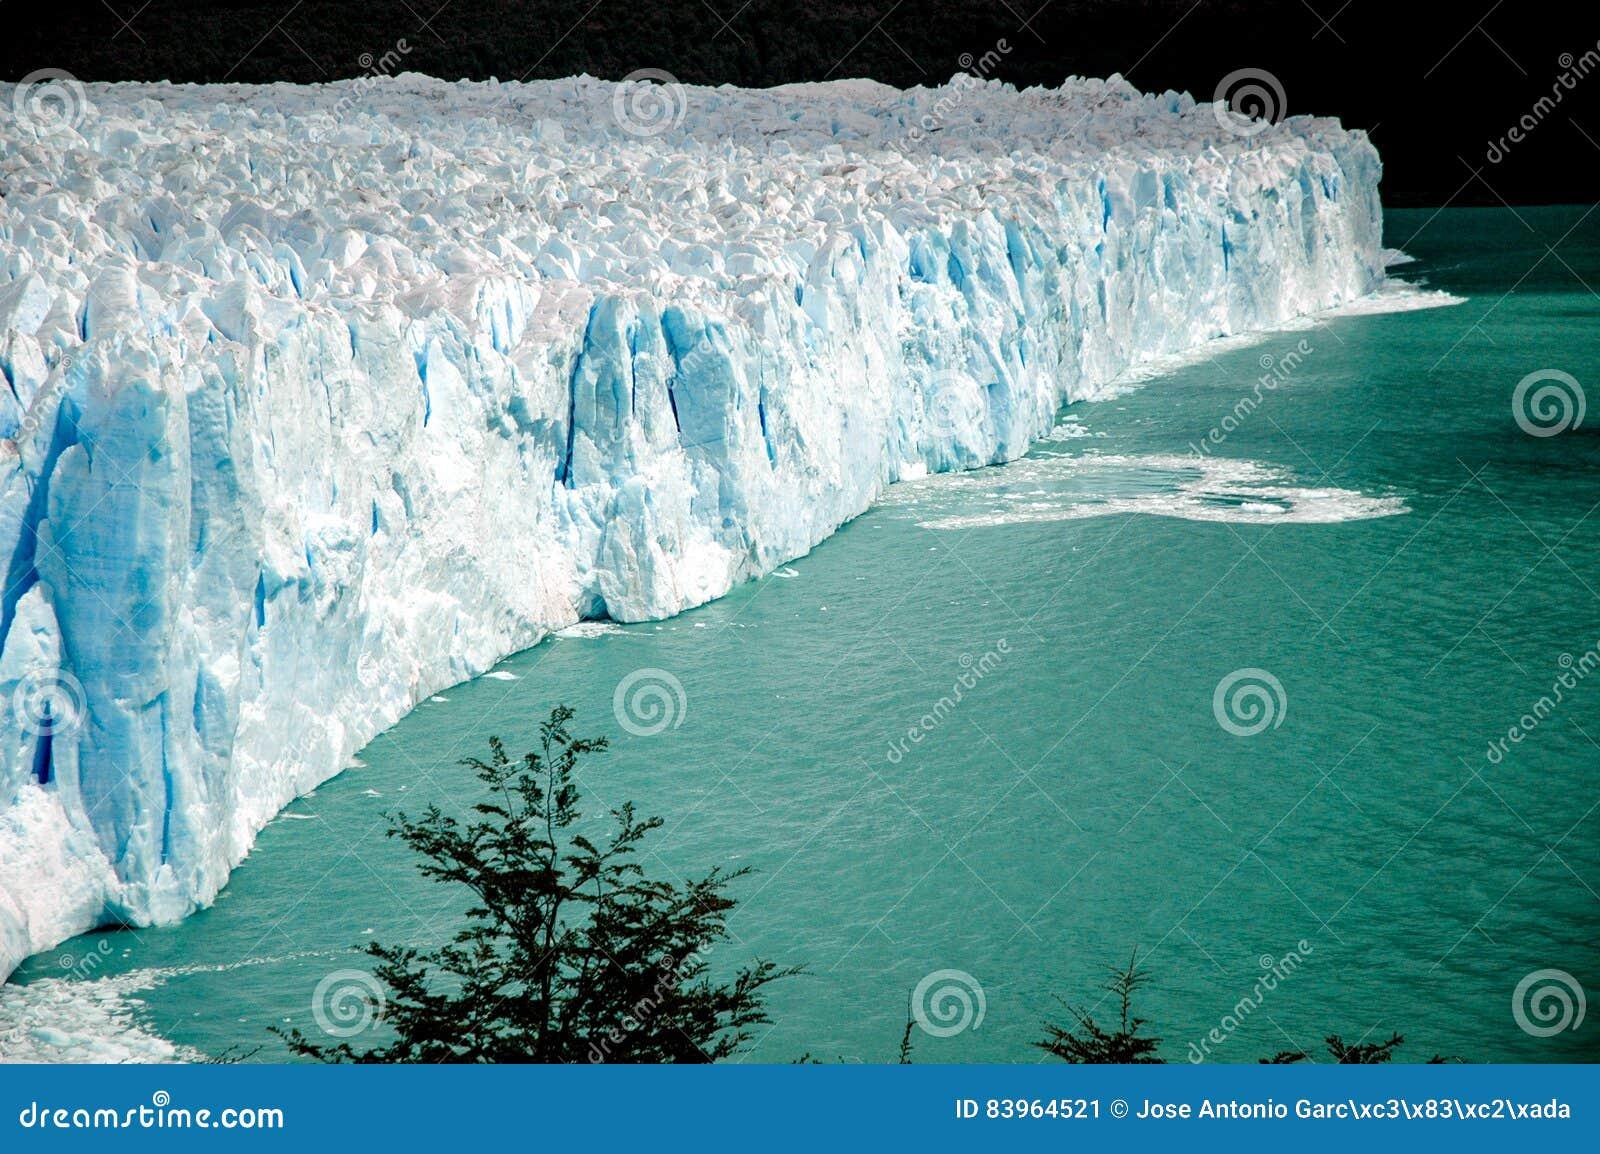 Blue Perito Moreno